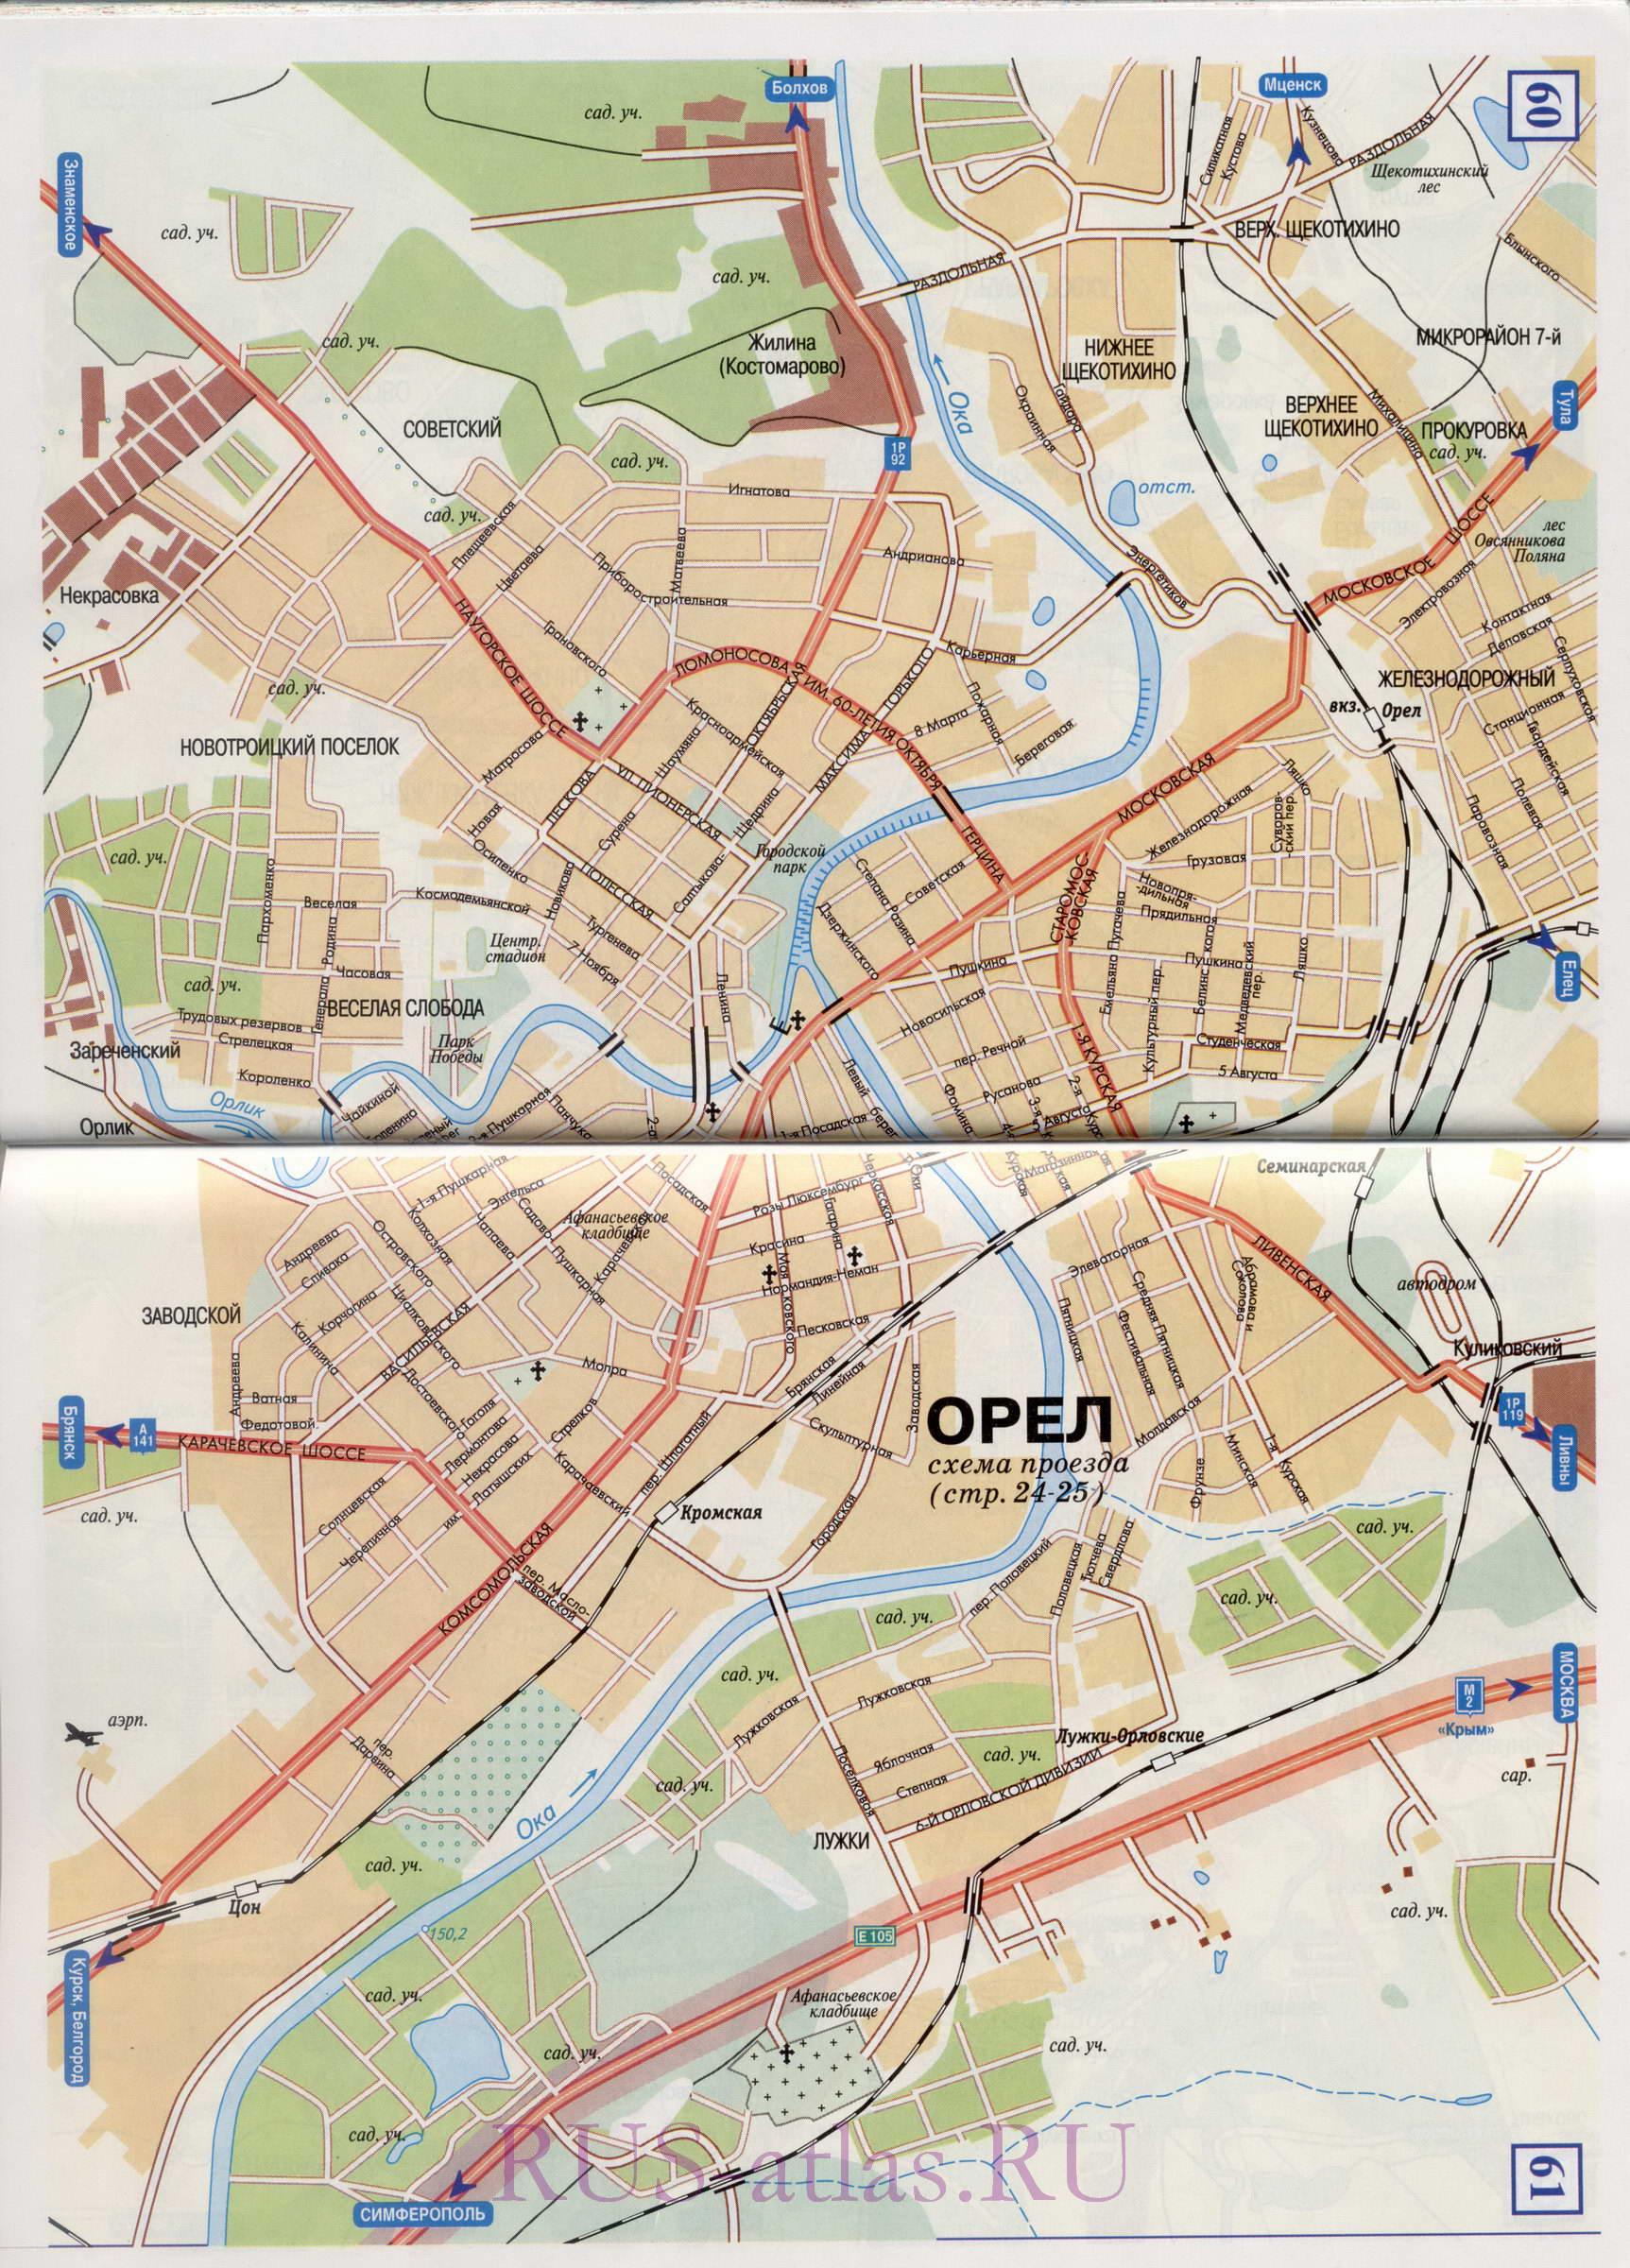 Детальная крупномасштабная карта города Орел с названиями улиц и схемой транзитного проезда грузового транспорта.